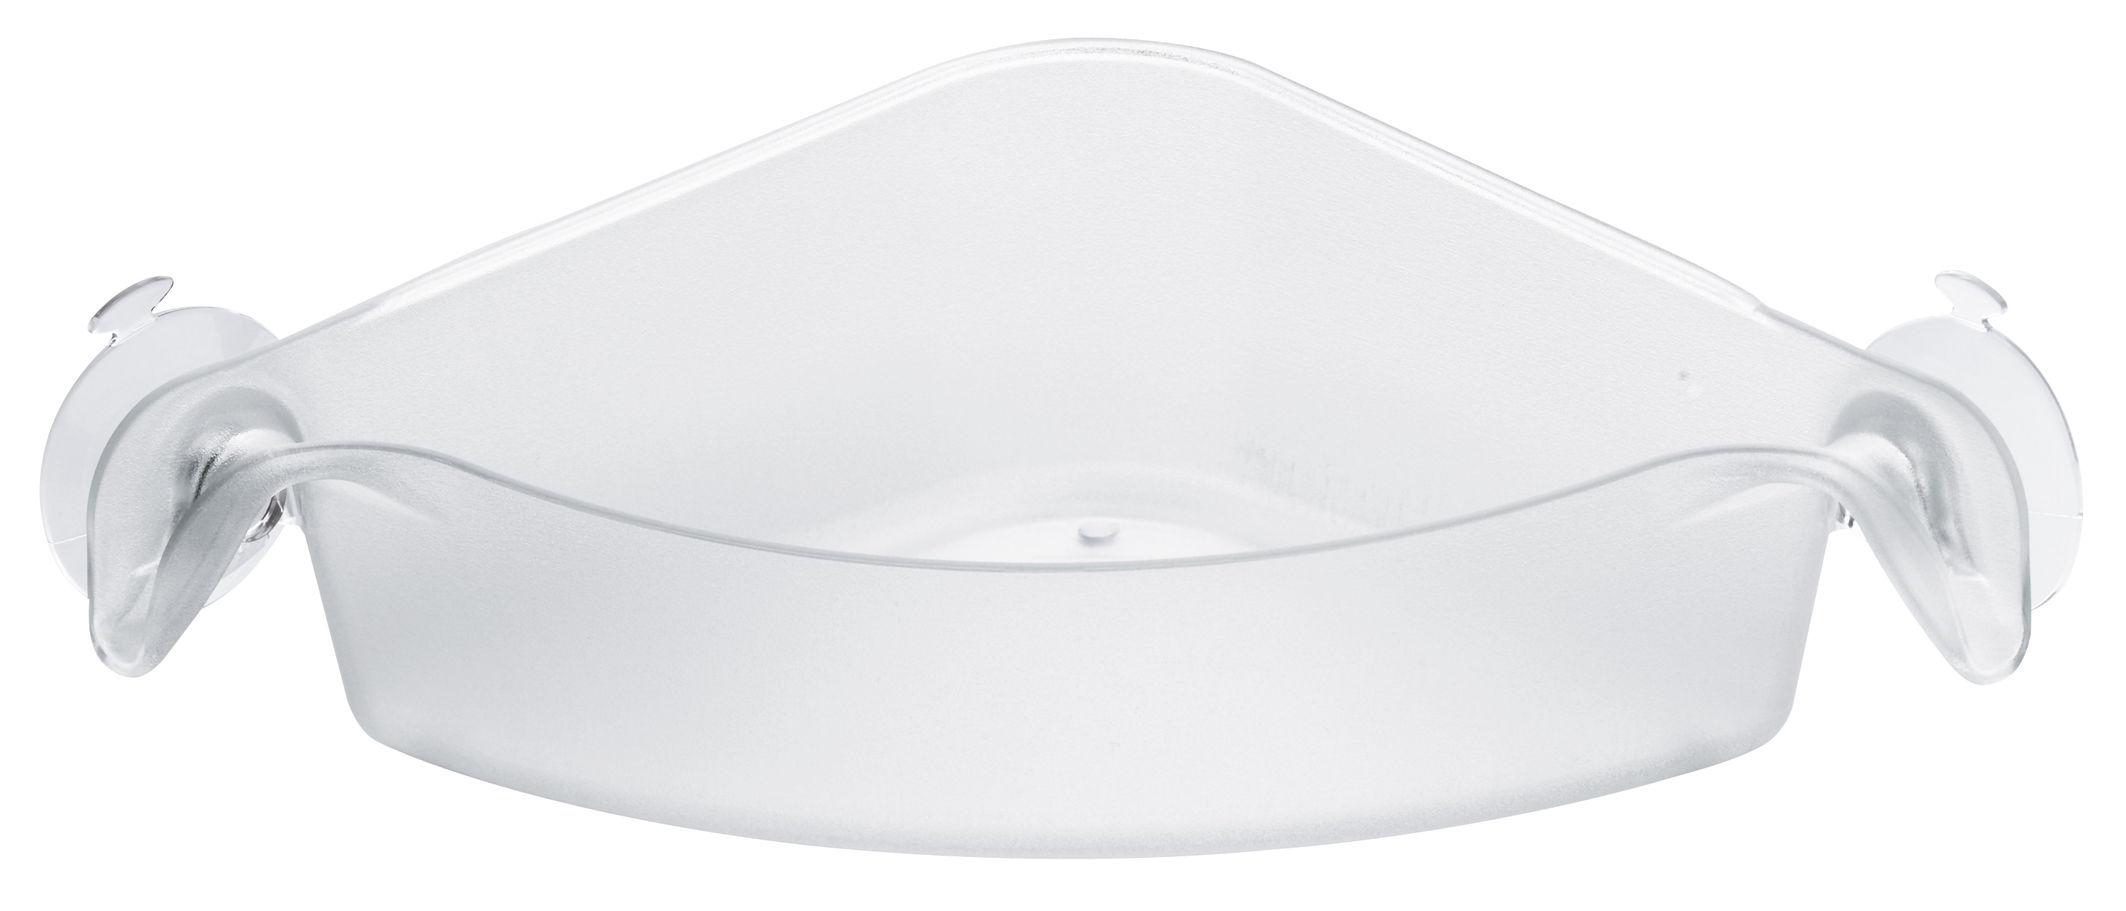 Interni - Bagno  - Vaschetta portaoggetti Boks - D'angolo - Con ventosa di Koziol - Trasparente - Materiale plastico